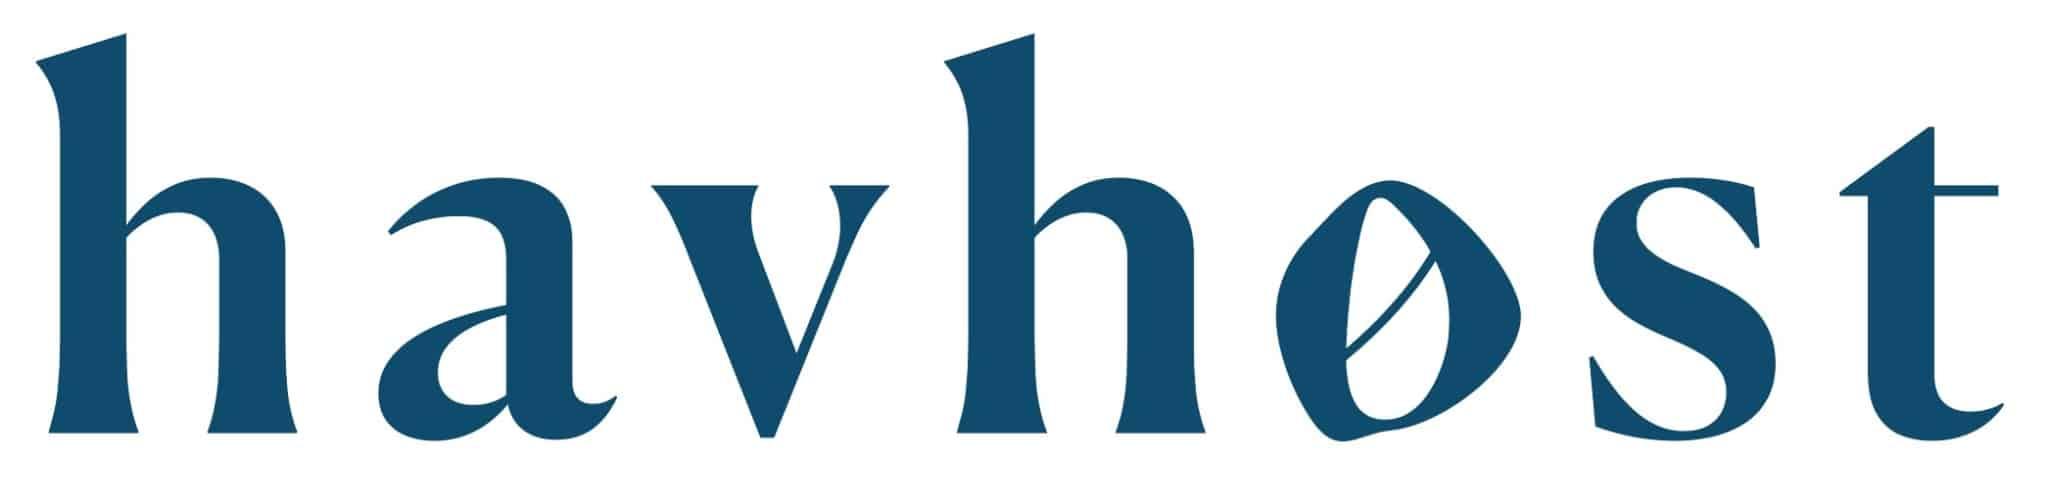 Hanvhøst logo